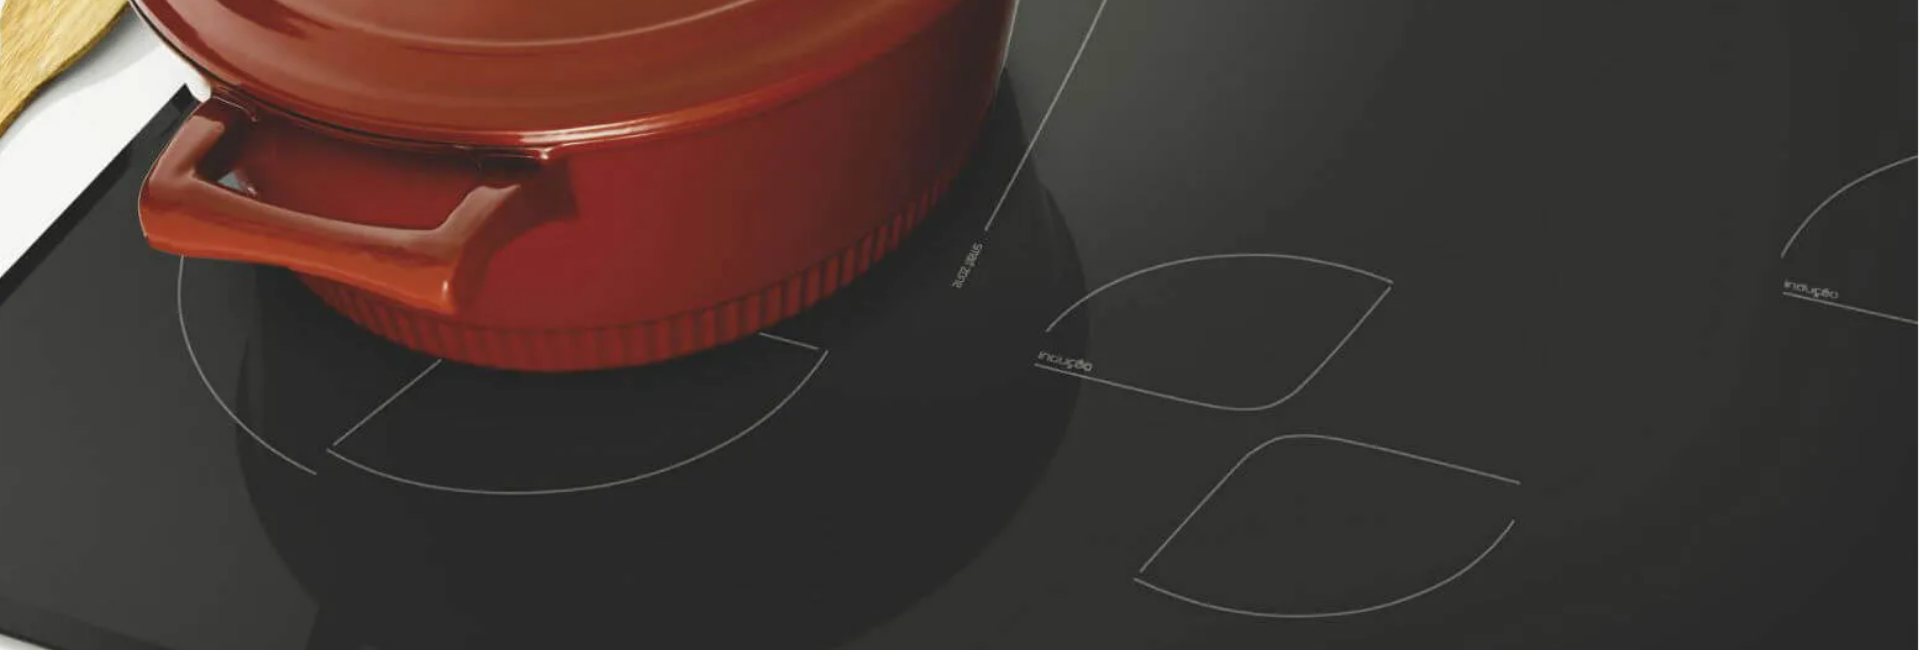 Cooktop Brastemp Gourmand: análise de ficha técnica da mesa de indução